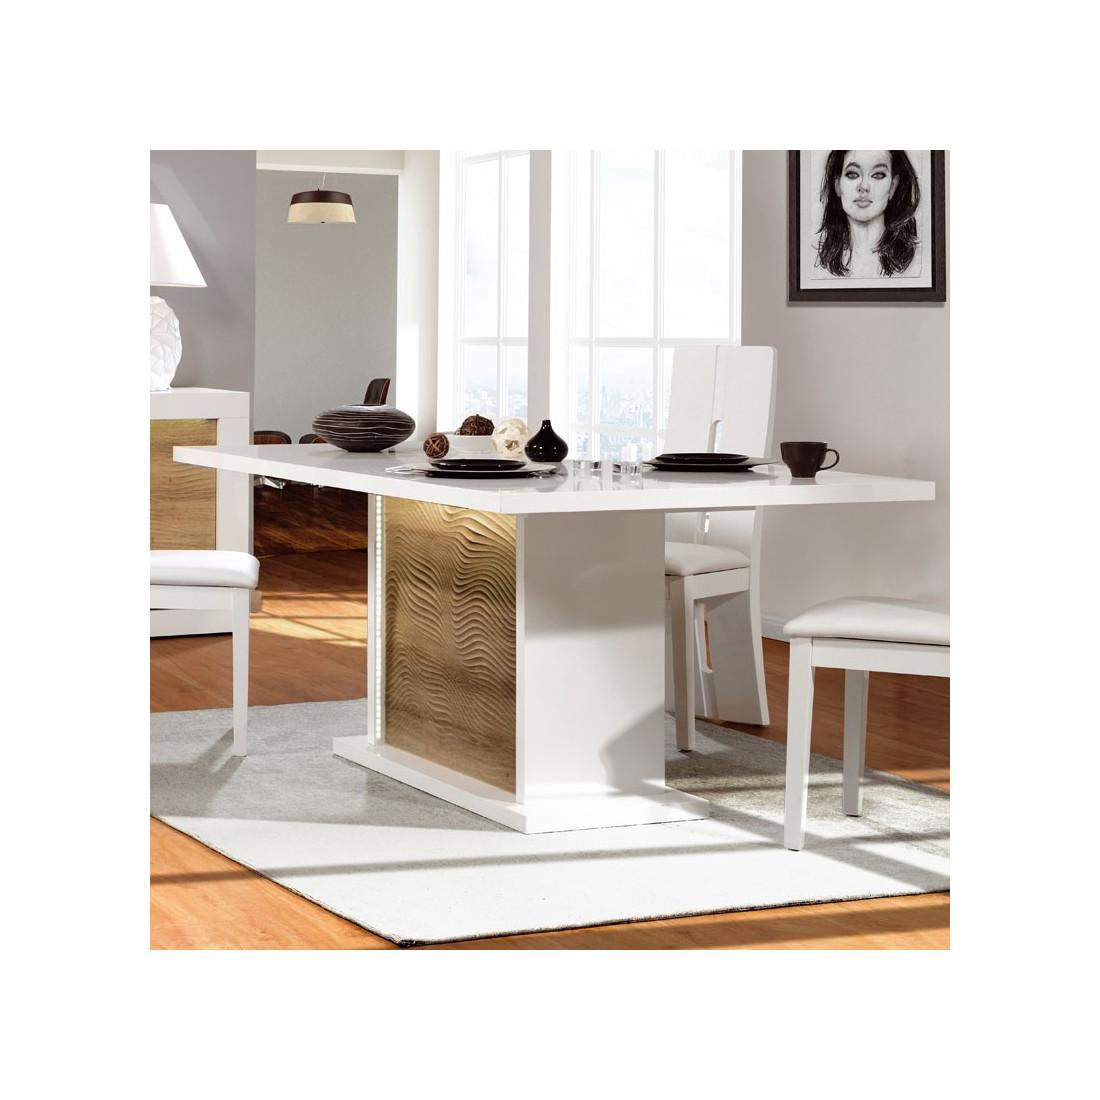 Table Chene Clair Avec Rallonge: Table Repas à Allonge Blanc/Chêne Clair à LEDs MARKS